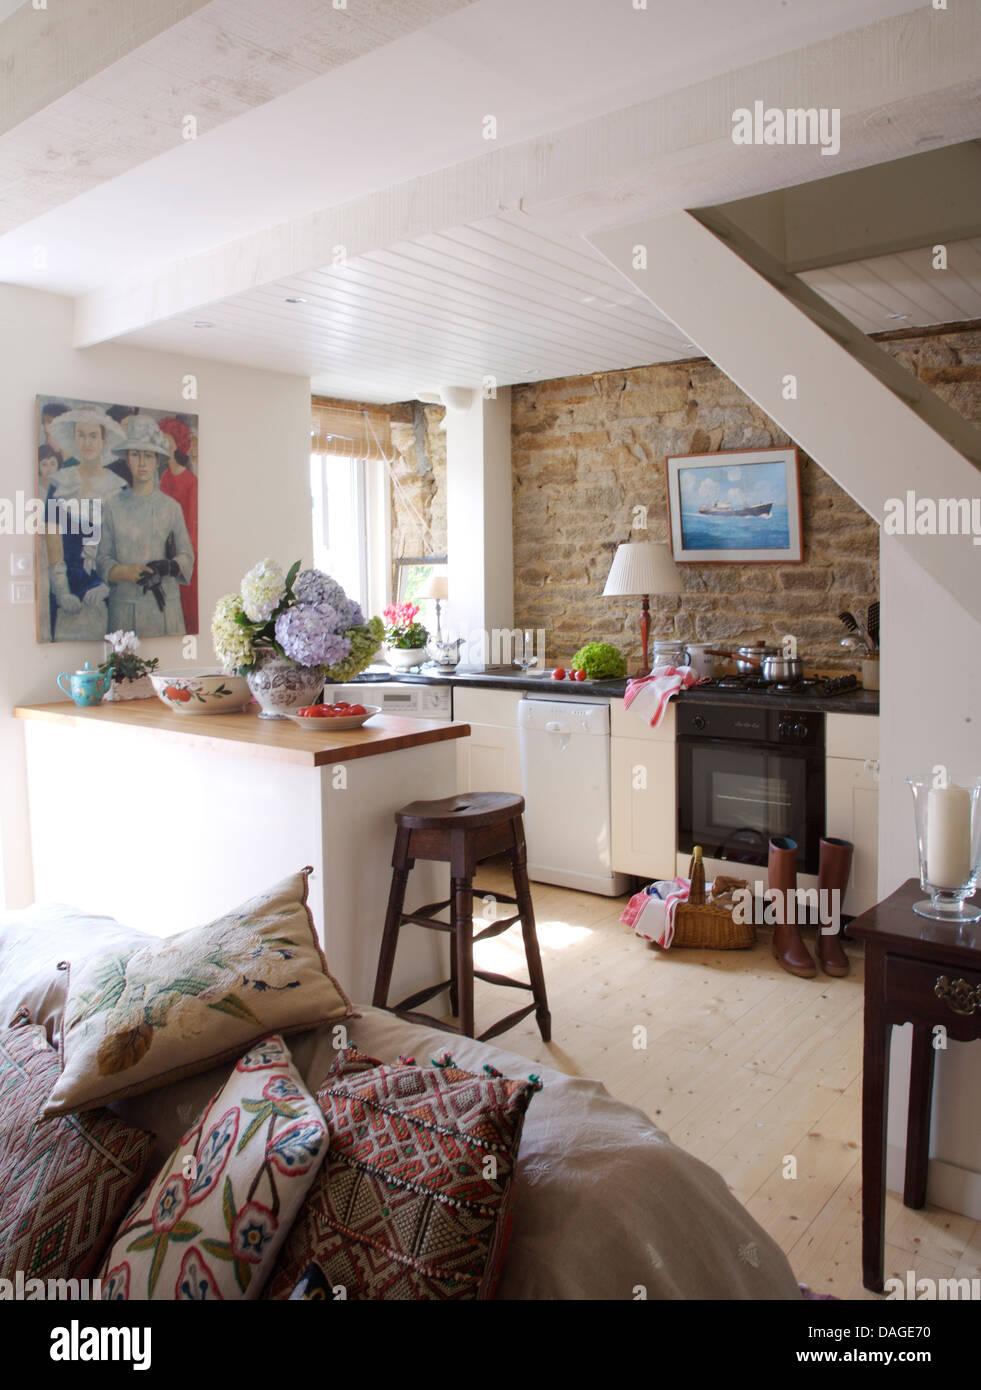 Gemusterte Kissen auf Sofa im Landhaus Küche mit Bild auf ...